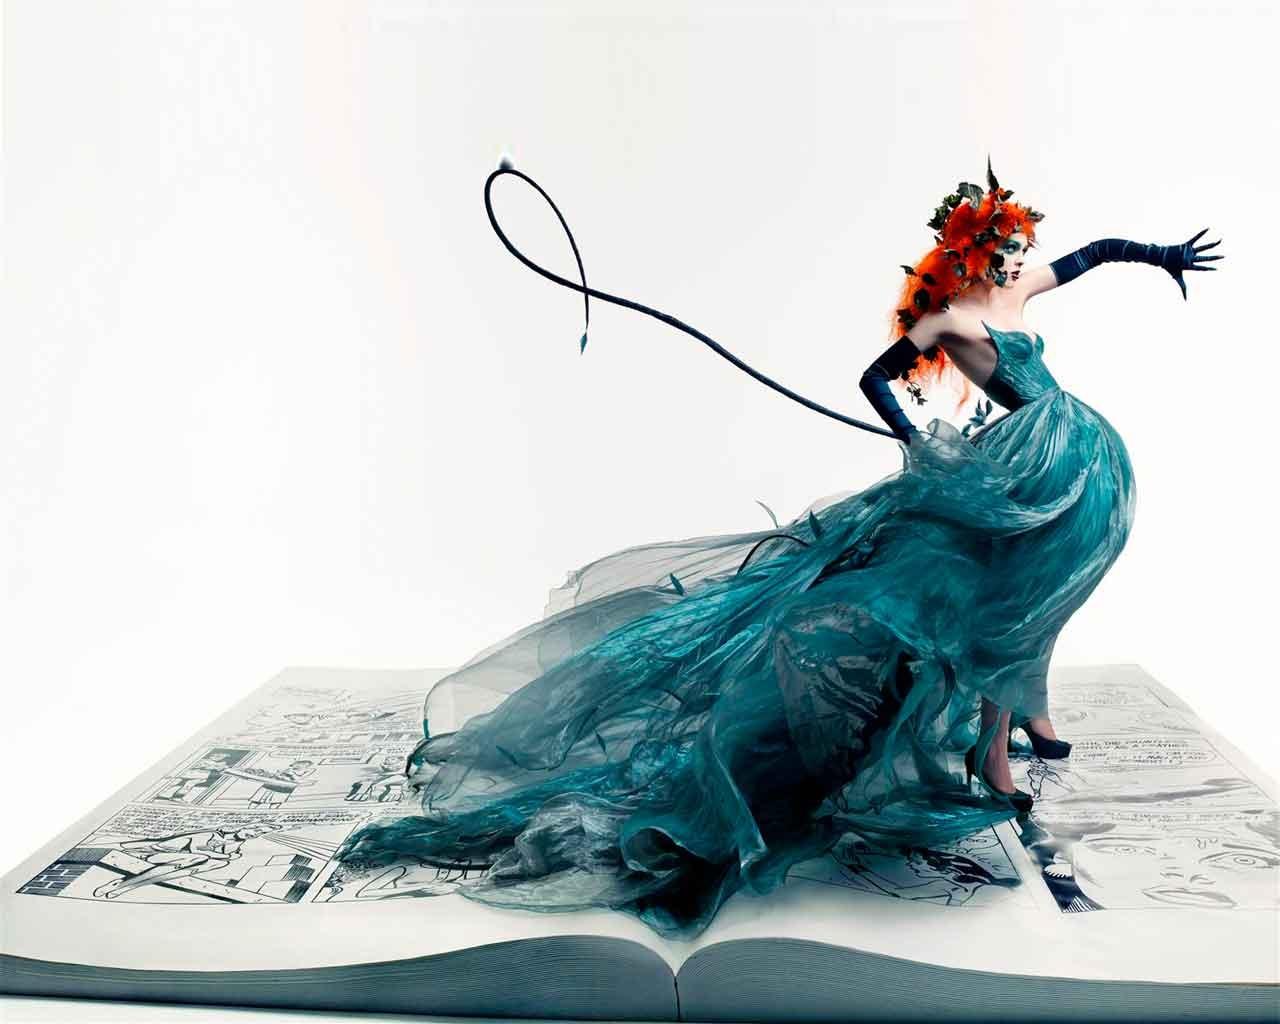 http://2.bp.blogspot.com/-9kuKkoqS_4o/Tc_tw7zbRWI/AAAAAAAACZw/Dowkp5rILNI/s1600/blue+5.jpg